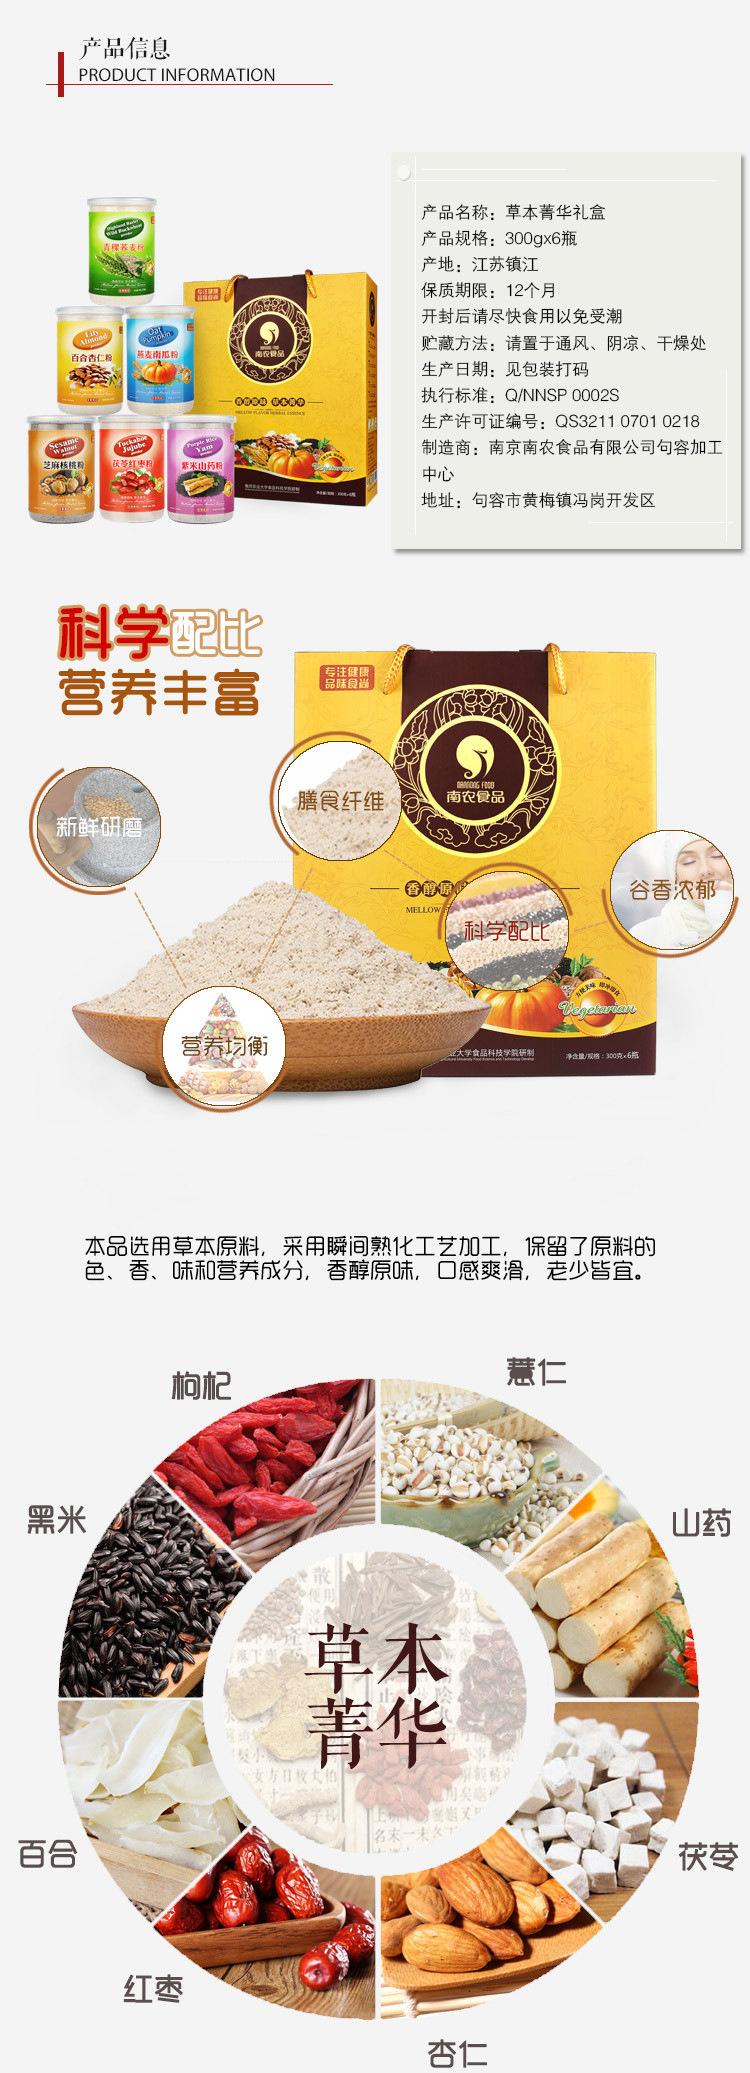 江苏特产 南农草本菁华礼盒五谷杂粮代餐熟粉节日礼盒300g*6罐装 包邮